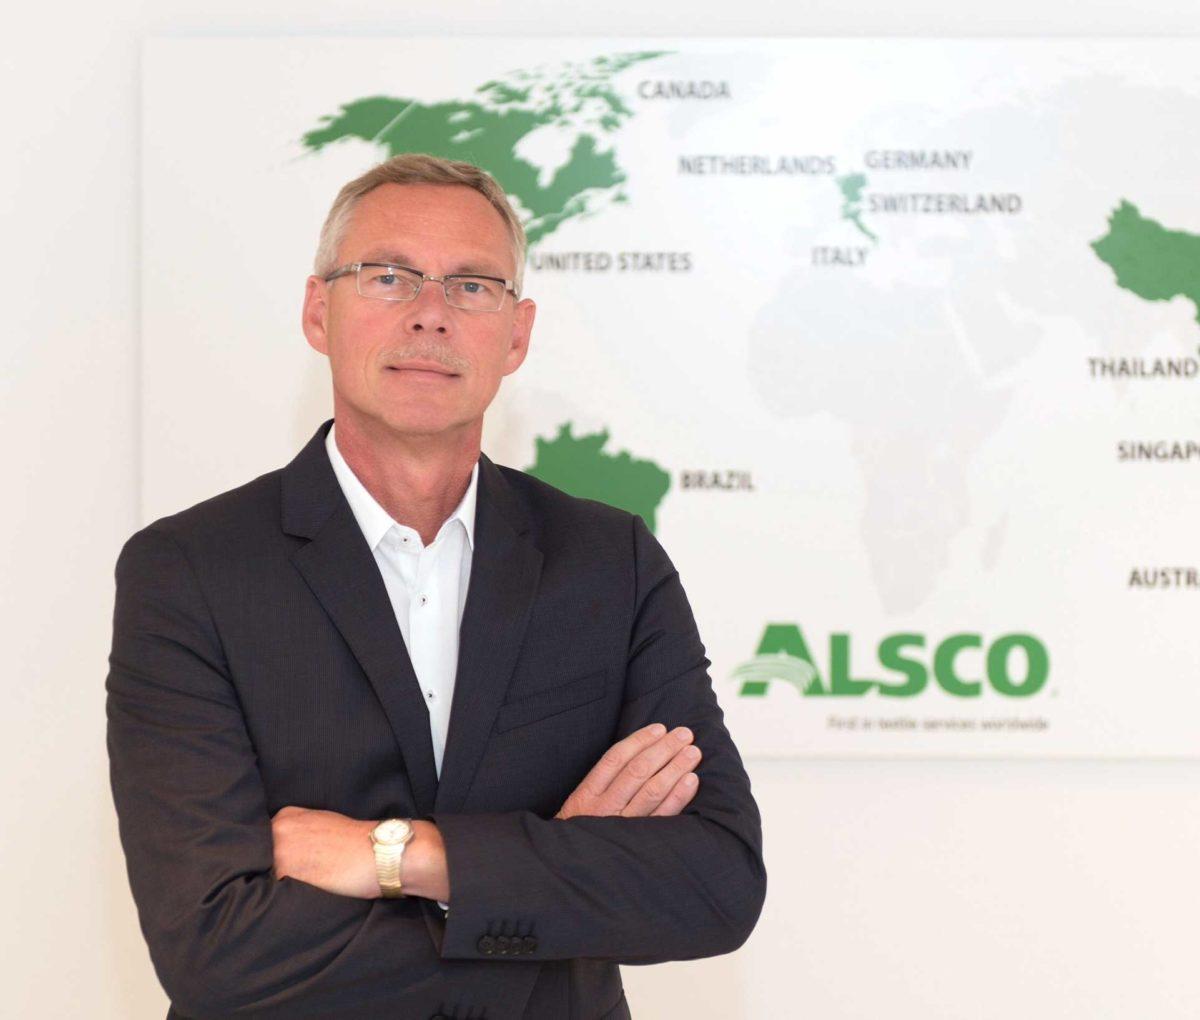 Alsco - Harald Schulte